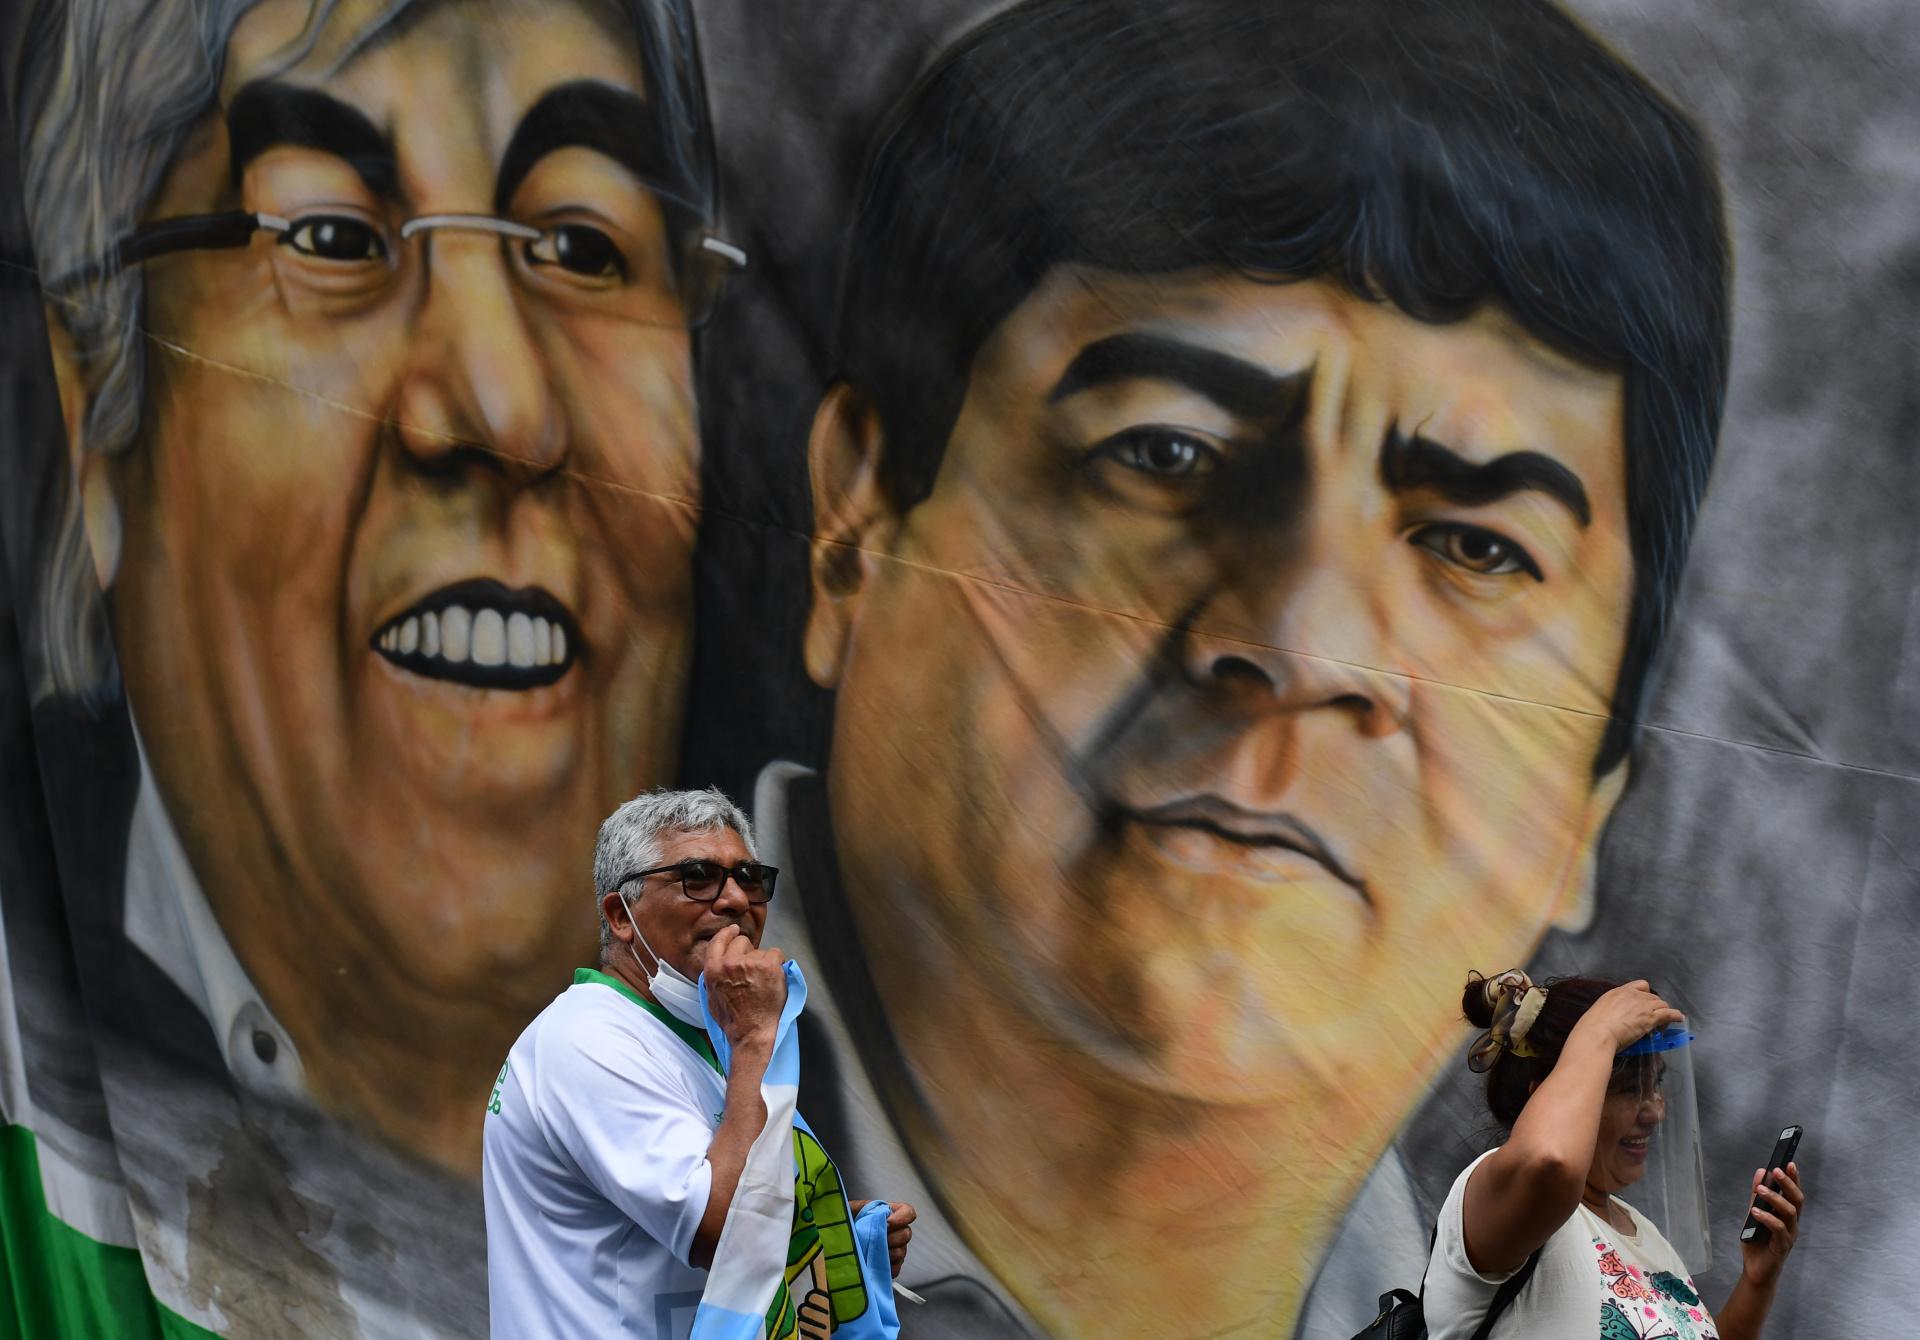 Hugo Moyano y su hijo y sucesor al frente del sindicato de camioneros, Pablo, en una gigantesca bandera